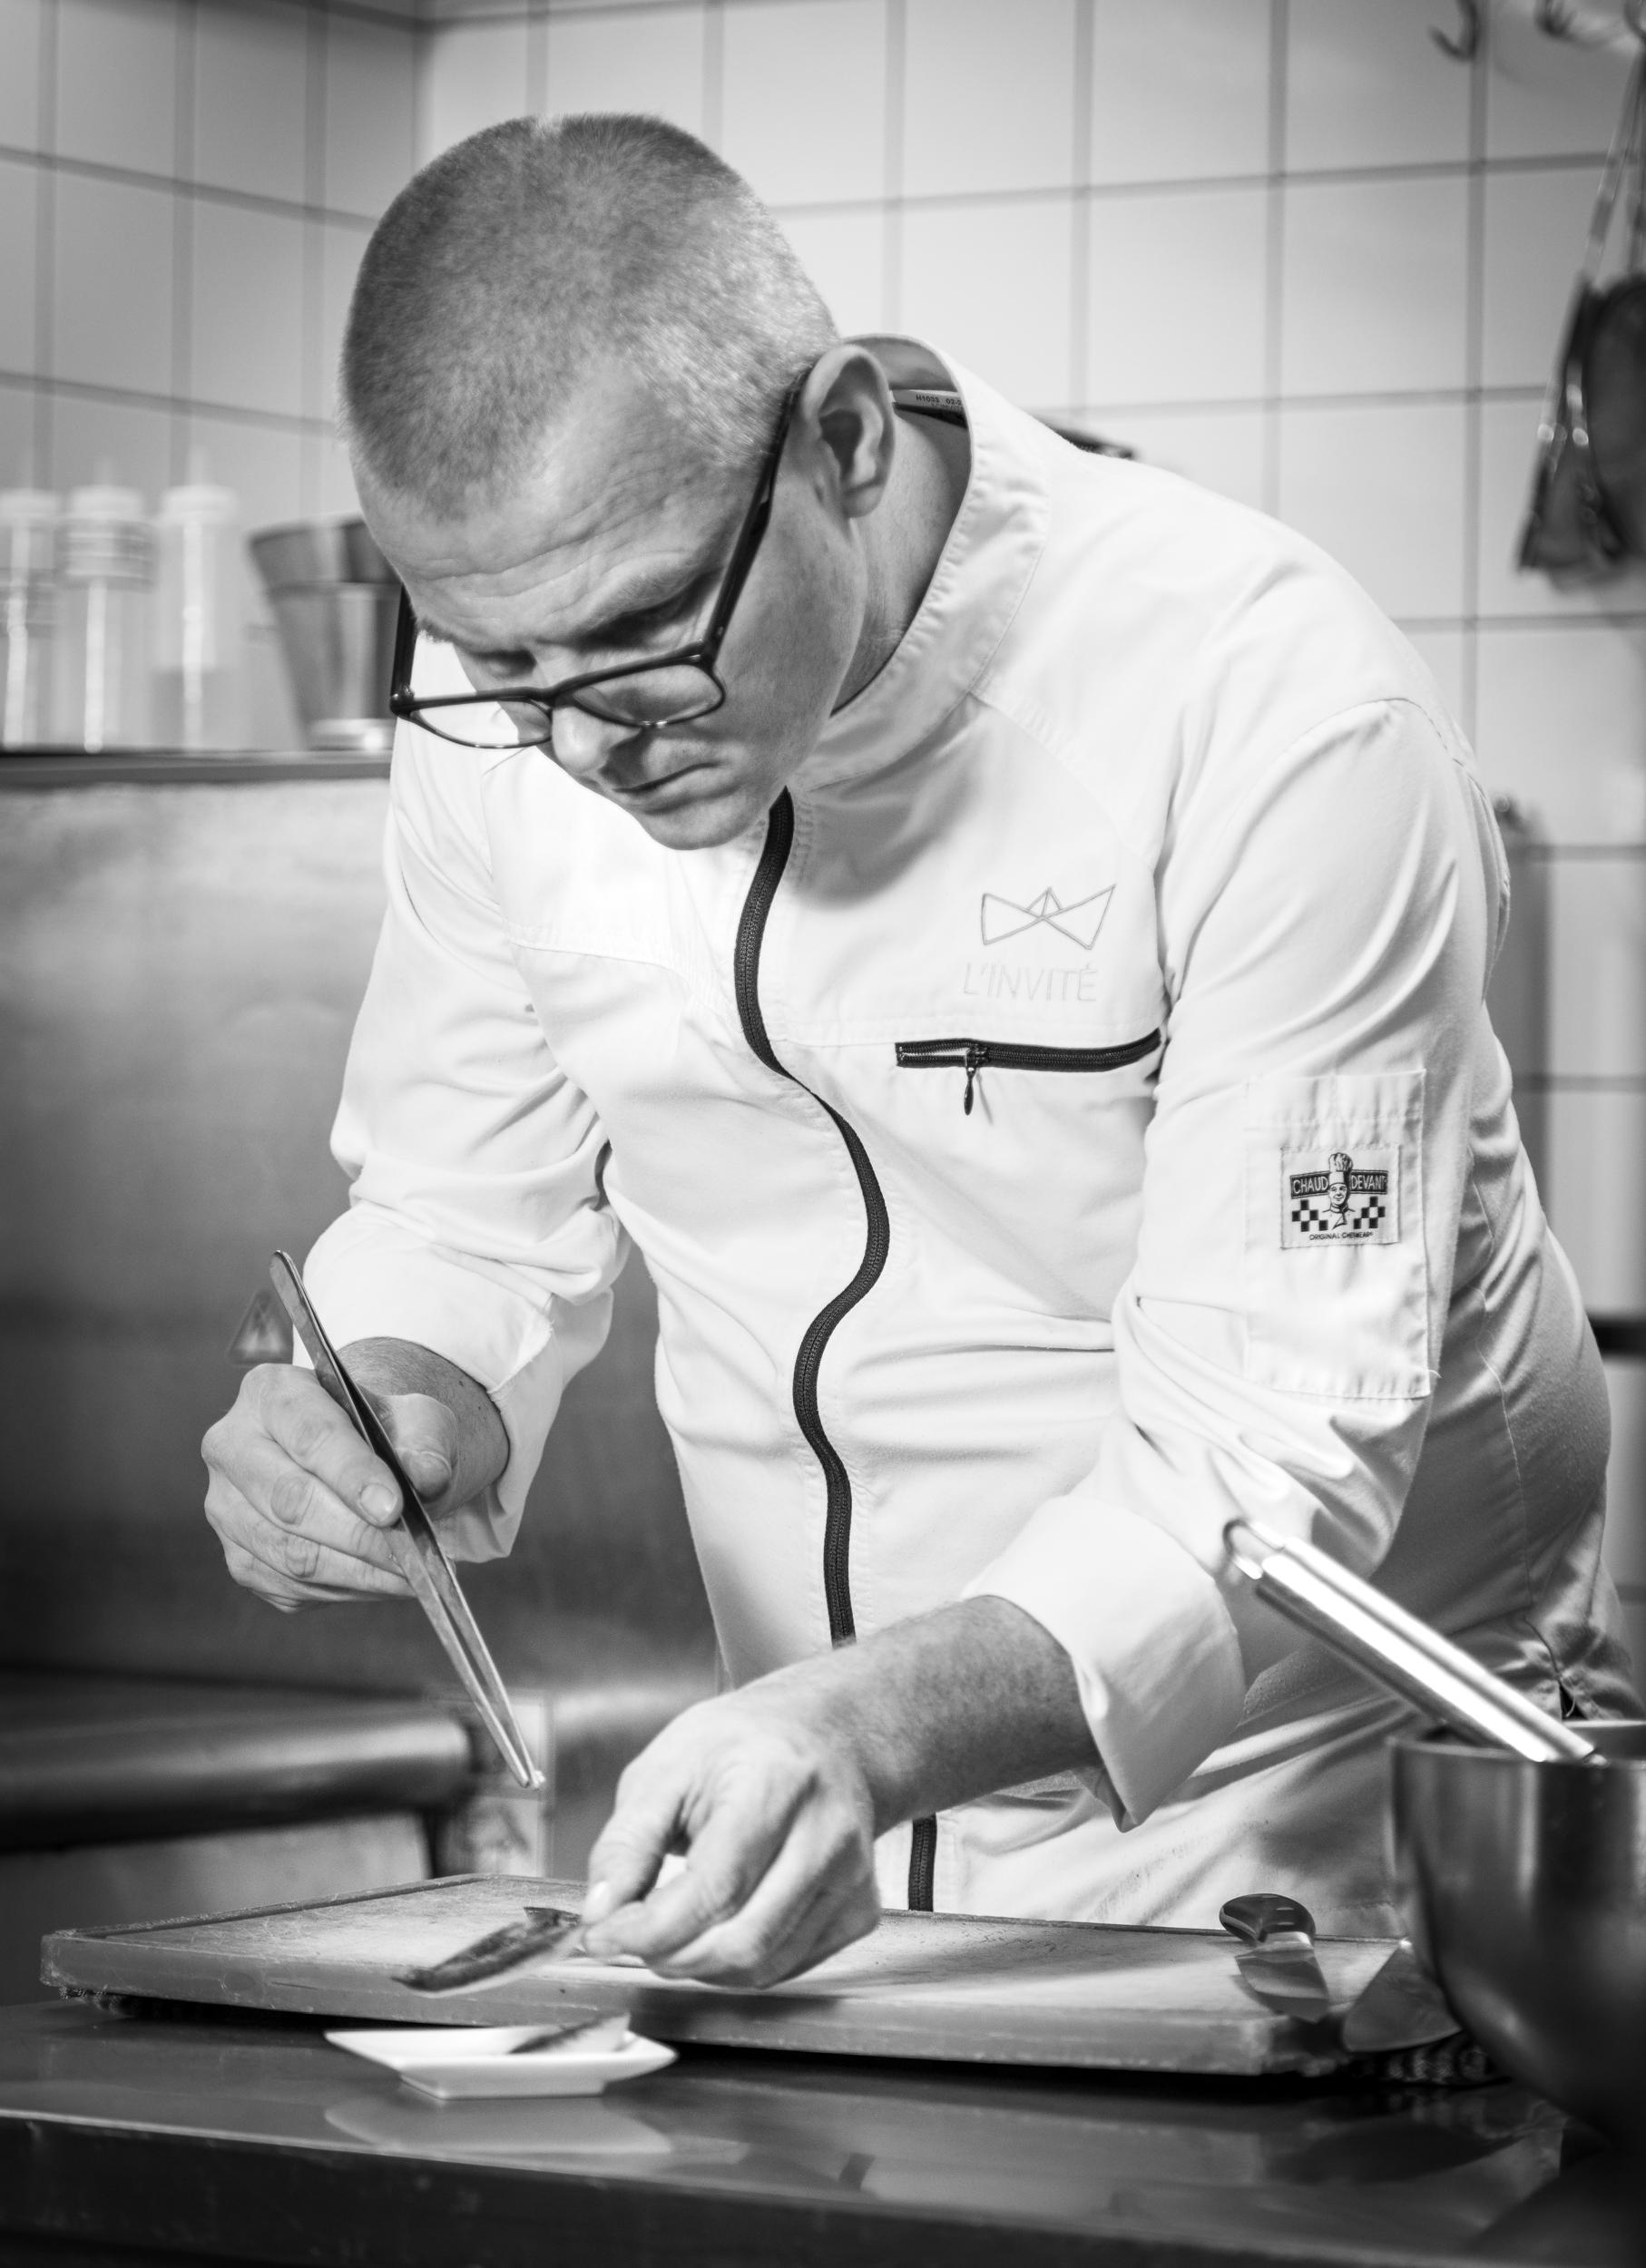 LINVT chef Portrait photography-12